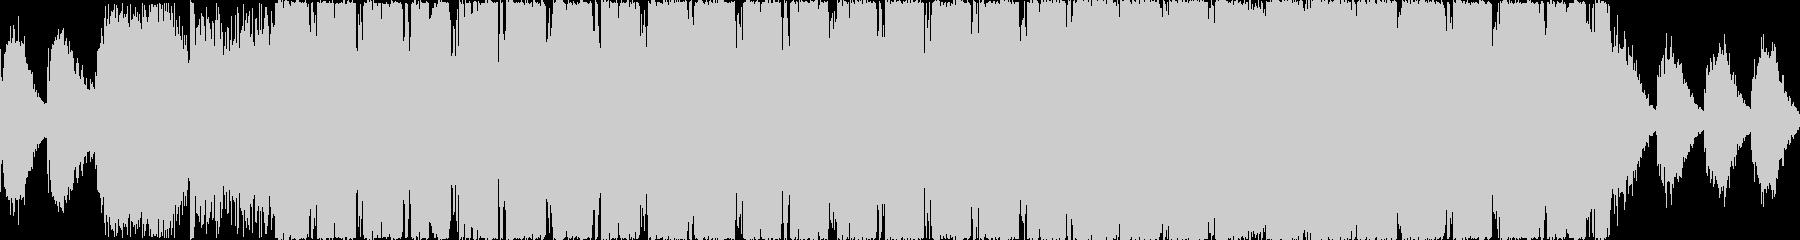 暗さと神秘性のある曲です。スローテンポ…の未再生の波形